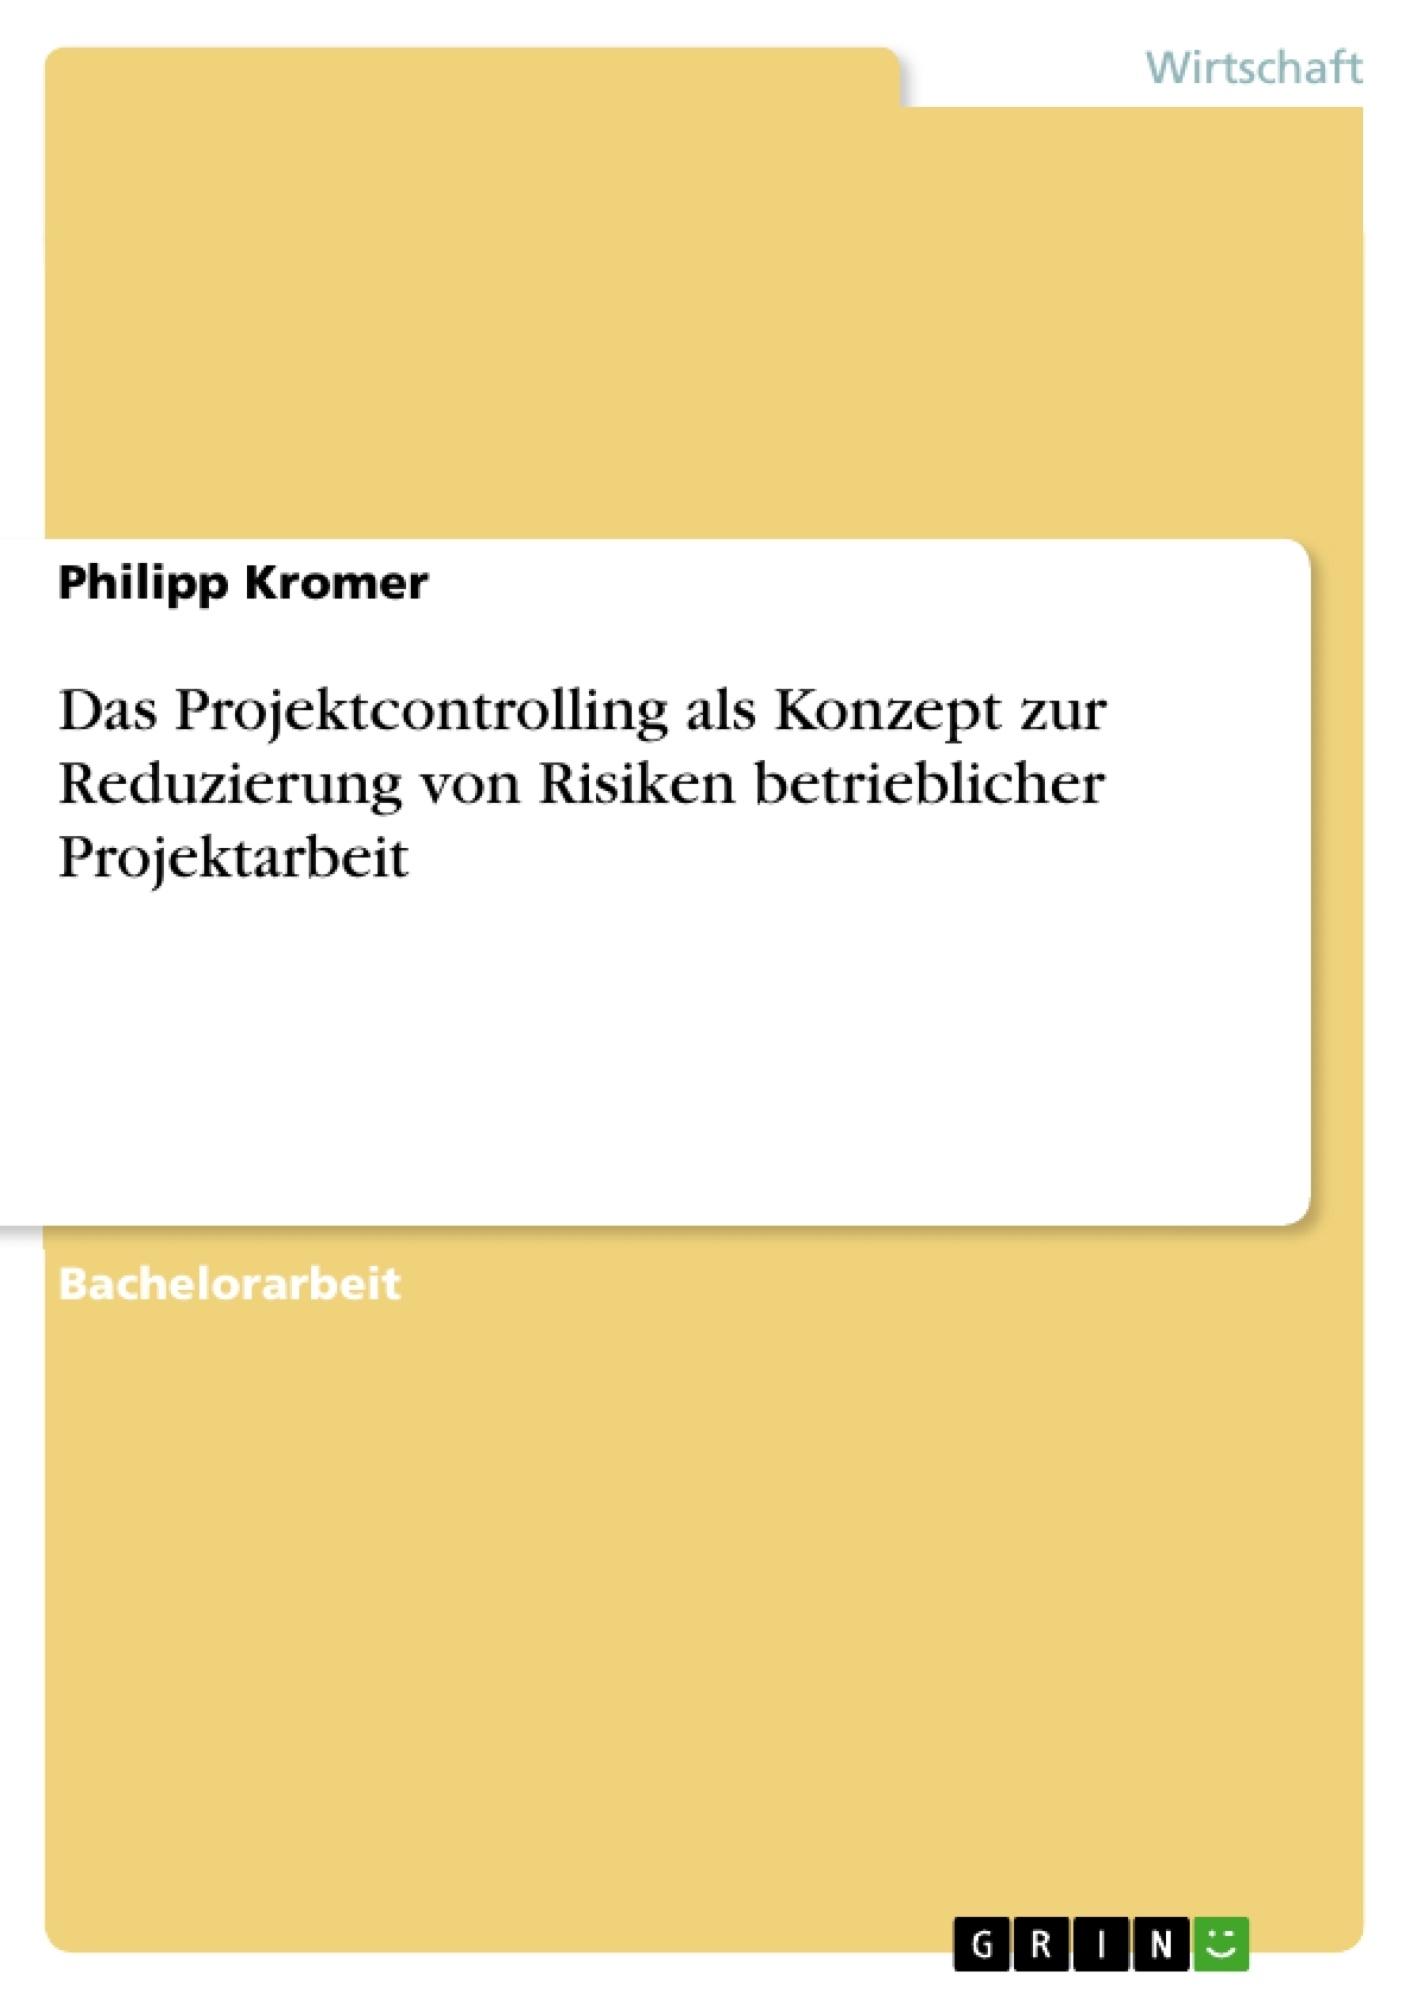 Titel: Das Projektcontrolling als Konzept zur Reduzierung von Risiken betrieblicher Projektarbeit